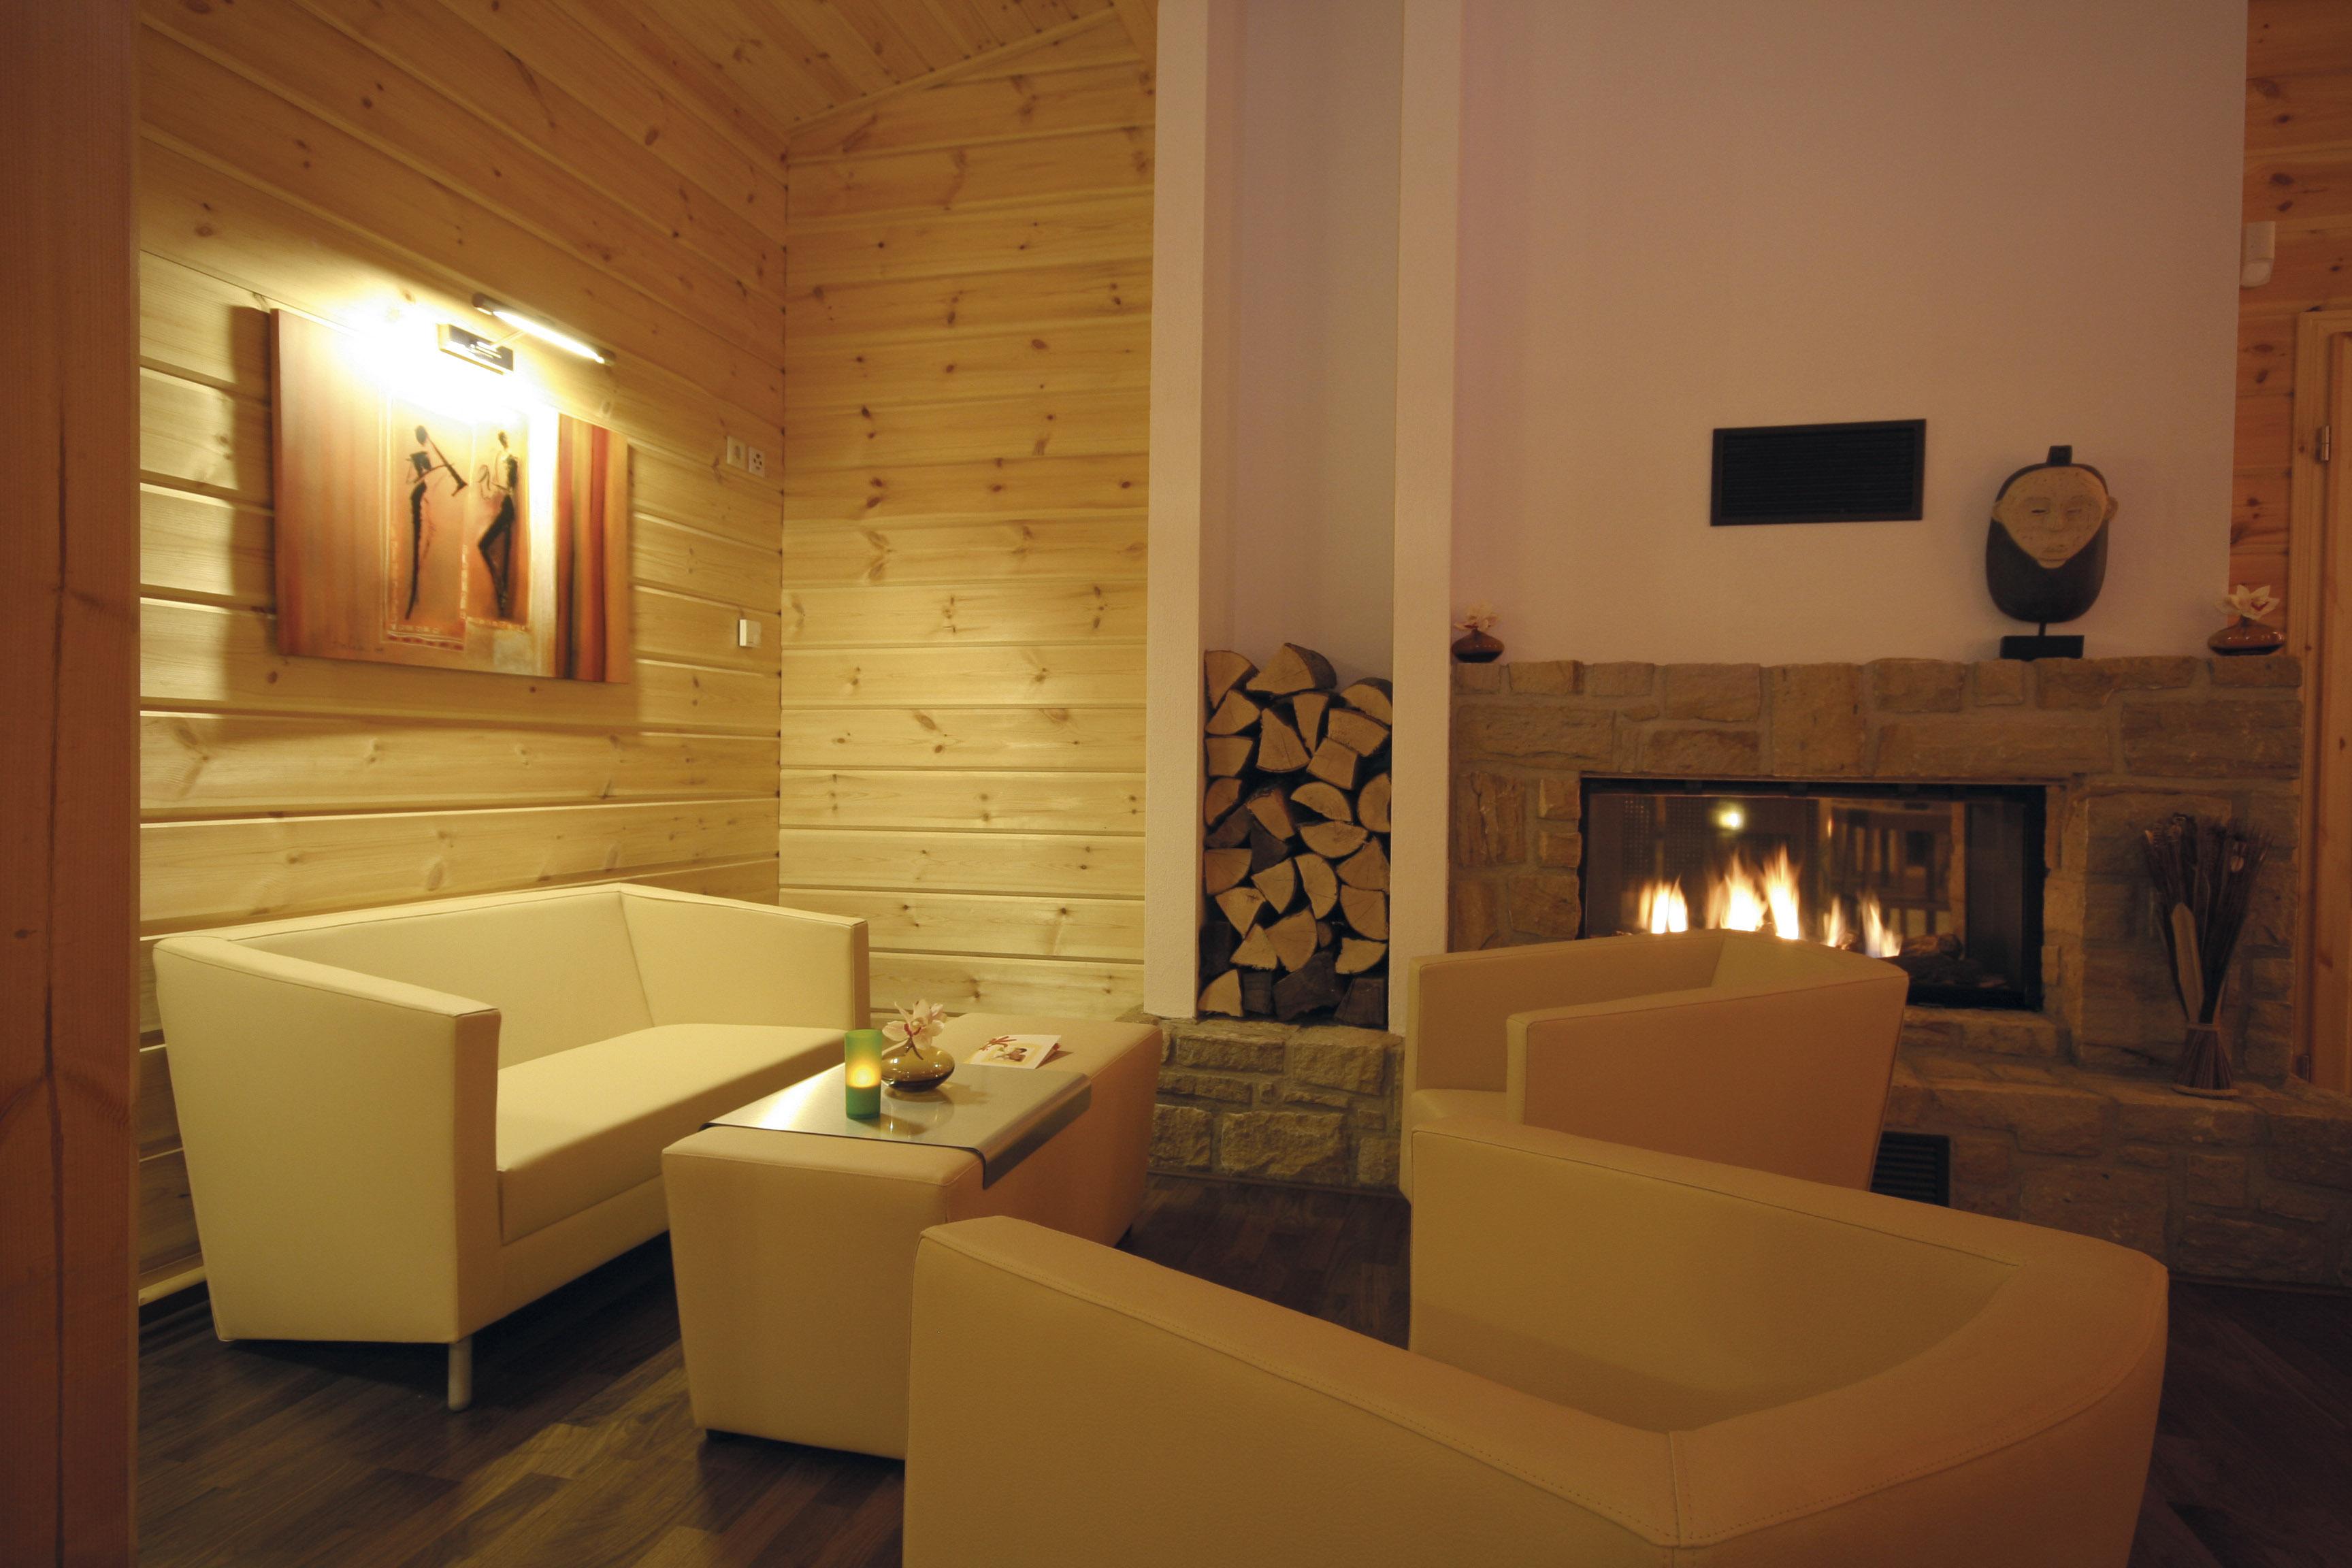 Wohnideen Used Look kaminzimmer modern deptis com gt inspirierendes design für wohnmöbel